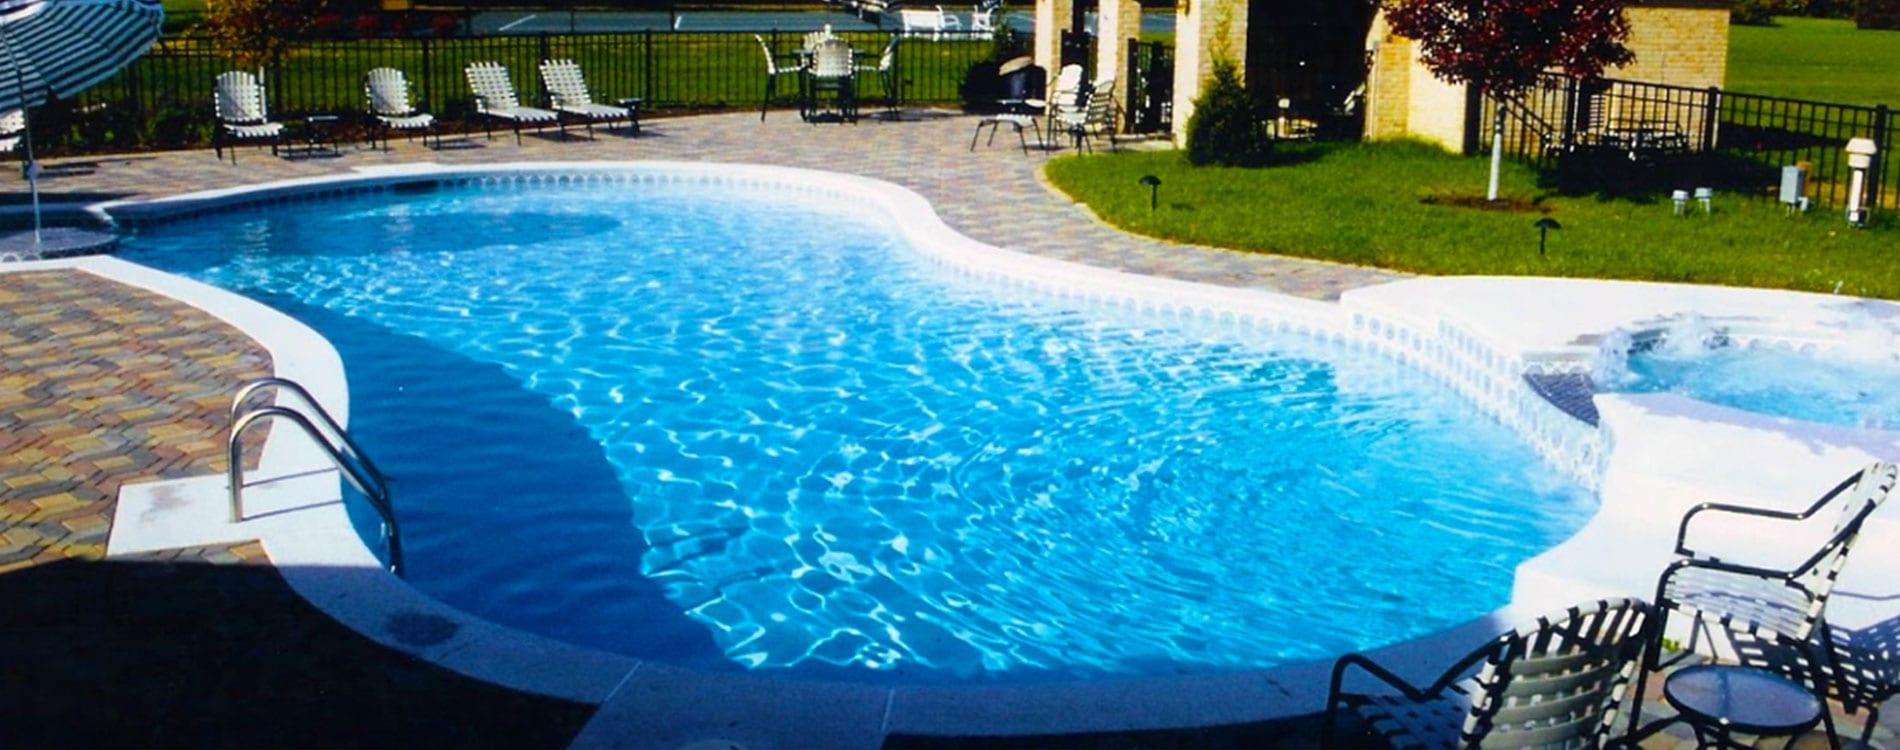 Cincinnati Custom Pool Contractor